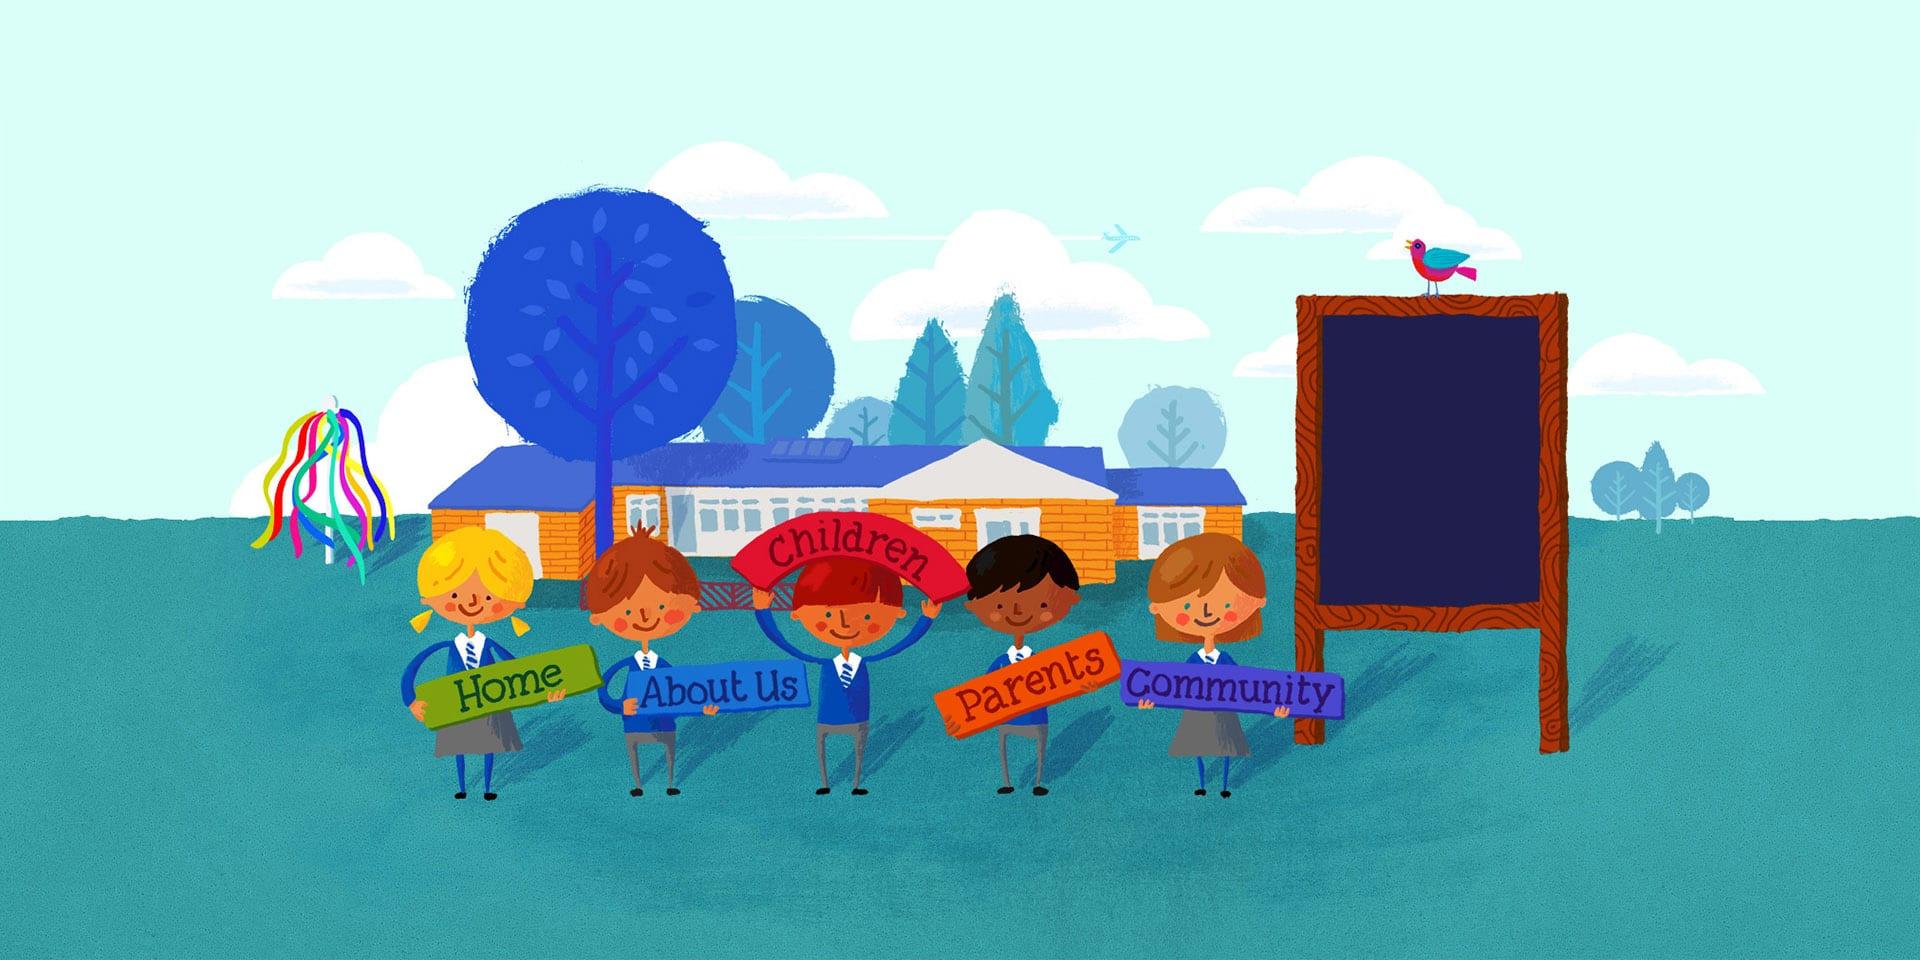 Wroxton School website design